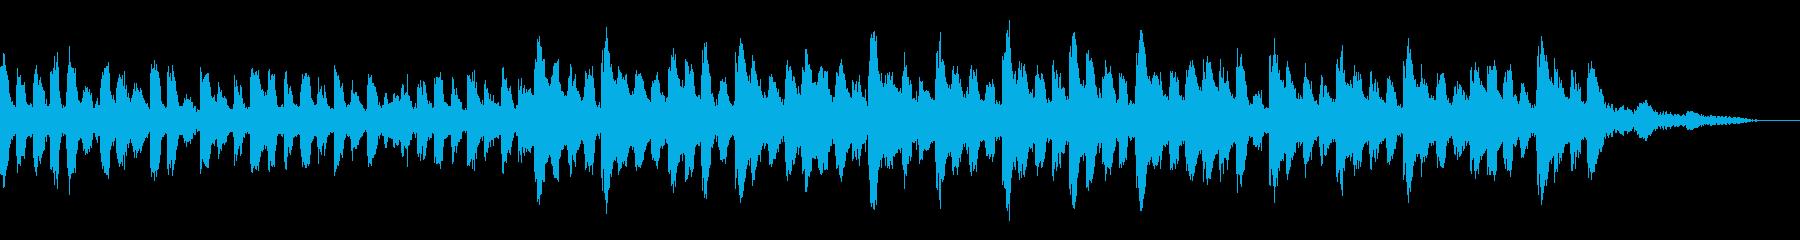 【15秒】かわいい感じのゆるやかテクノの再生済みの波形